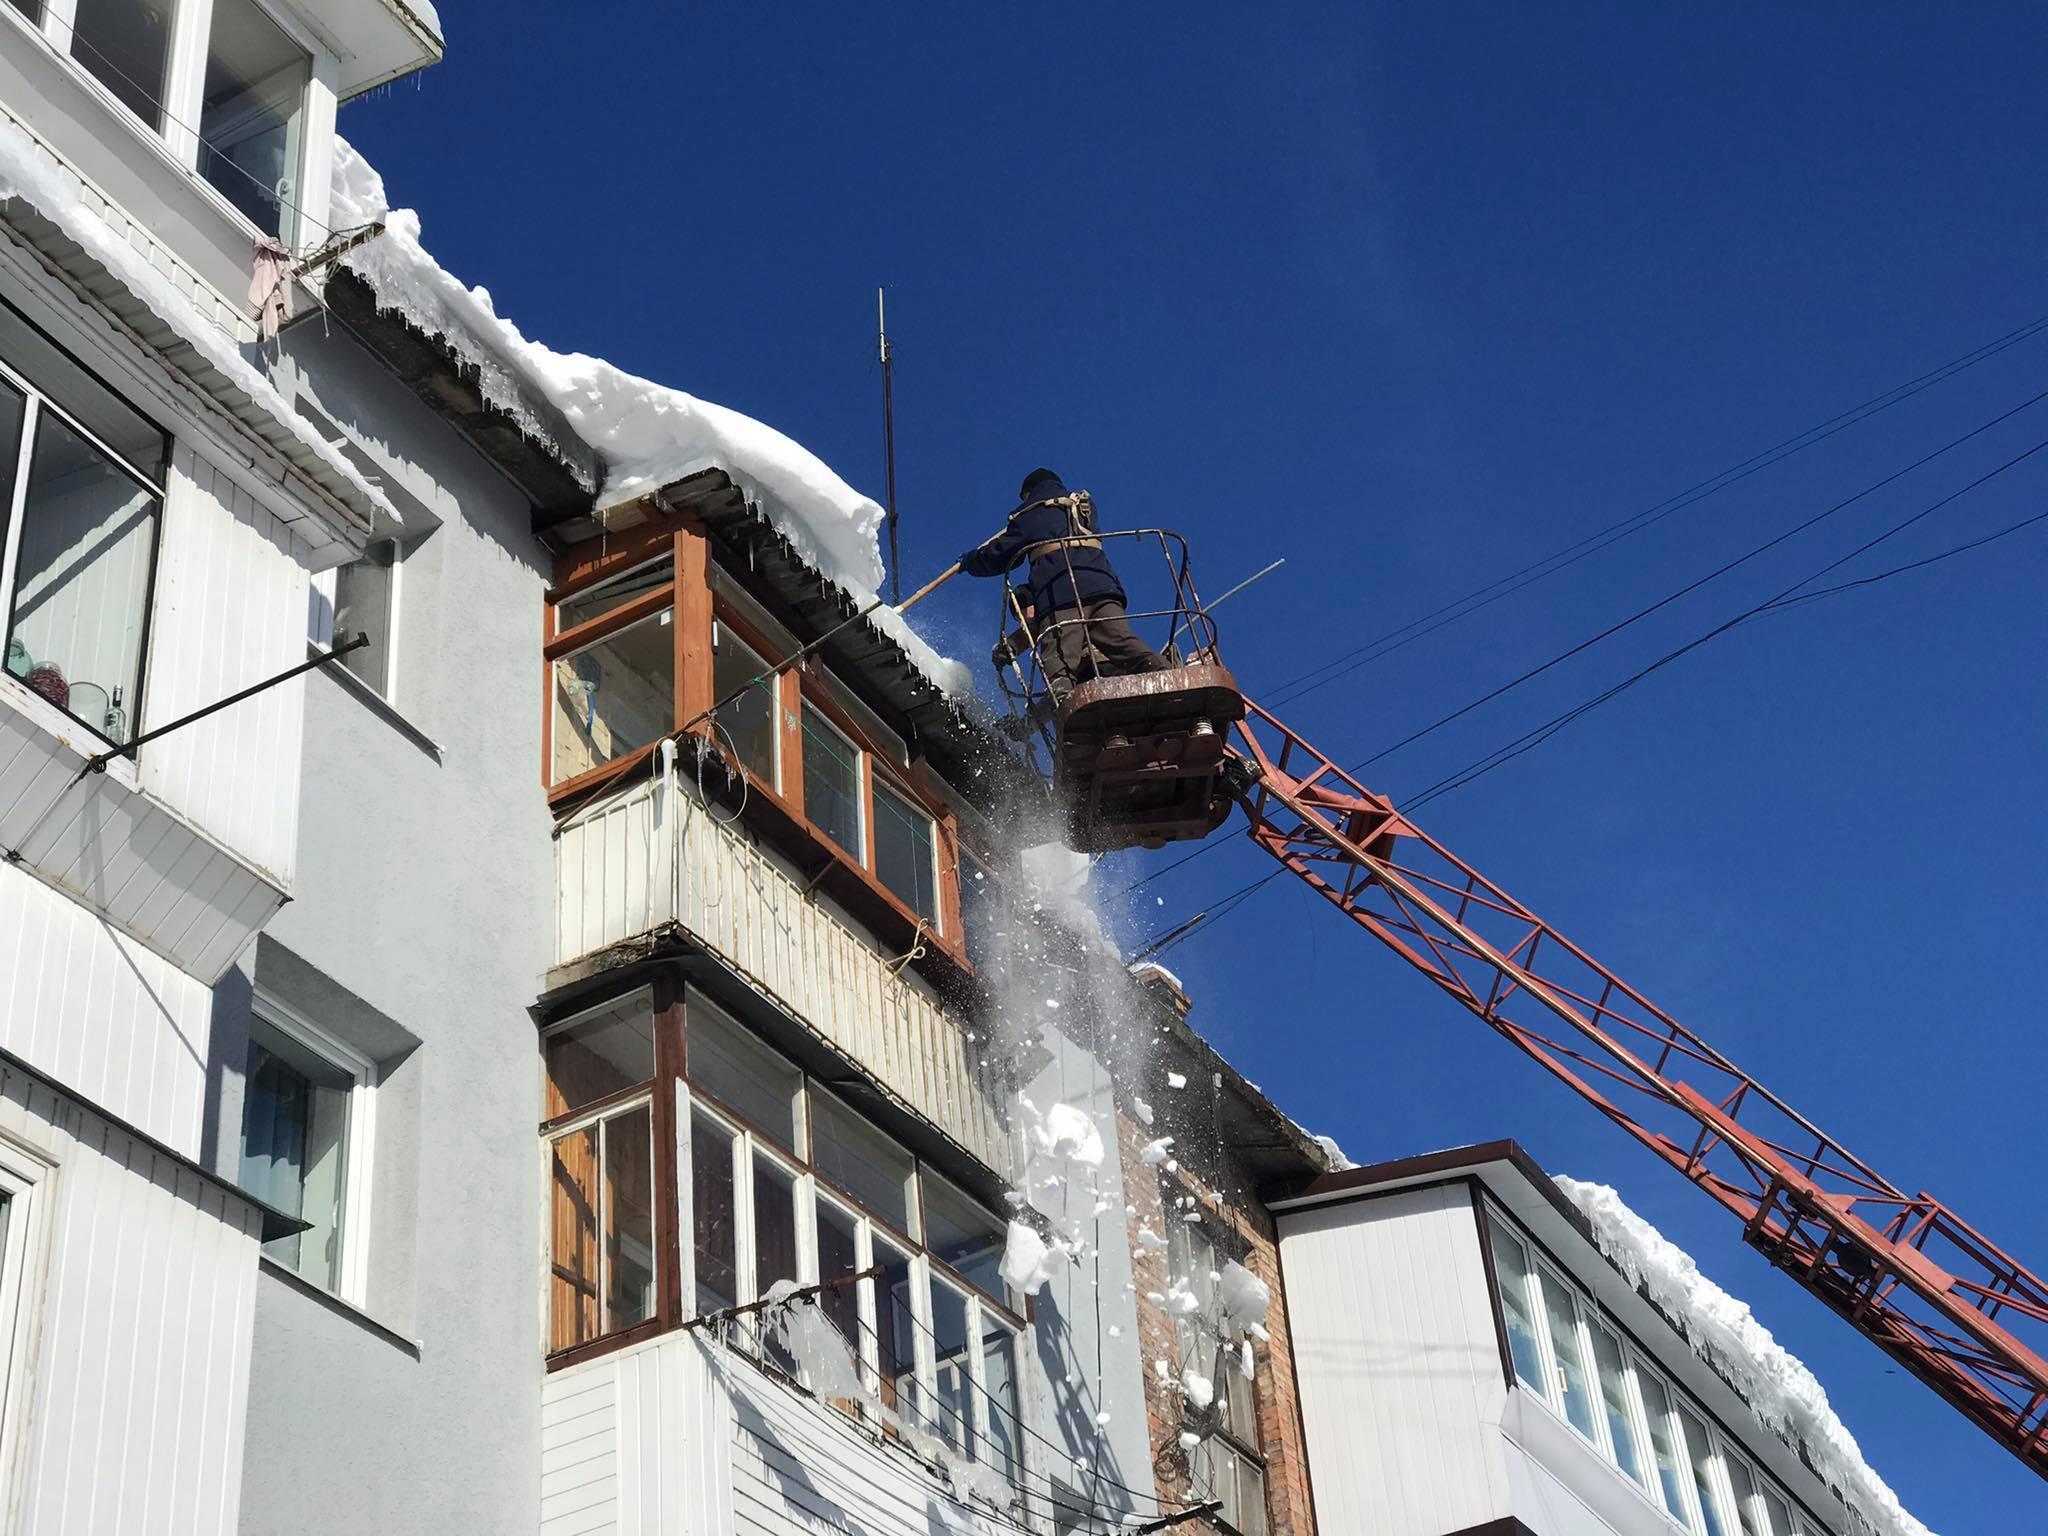 Працівники КП «Червонограджитлокомунсервіс» знімають льодові бурульки та снігові насипи з дахів будинків